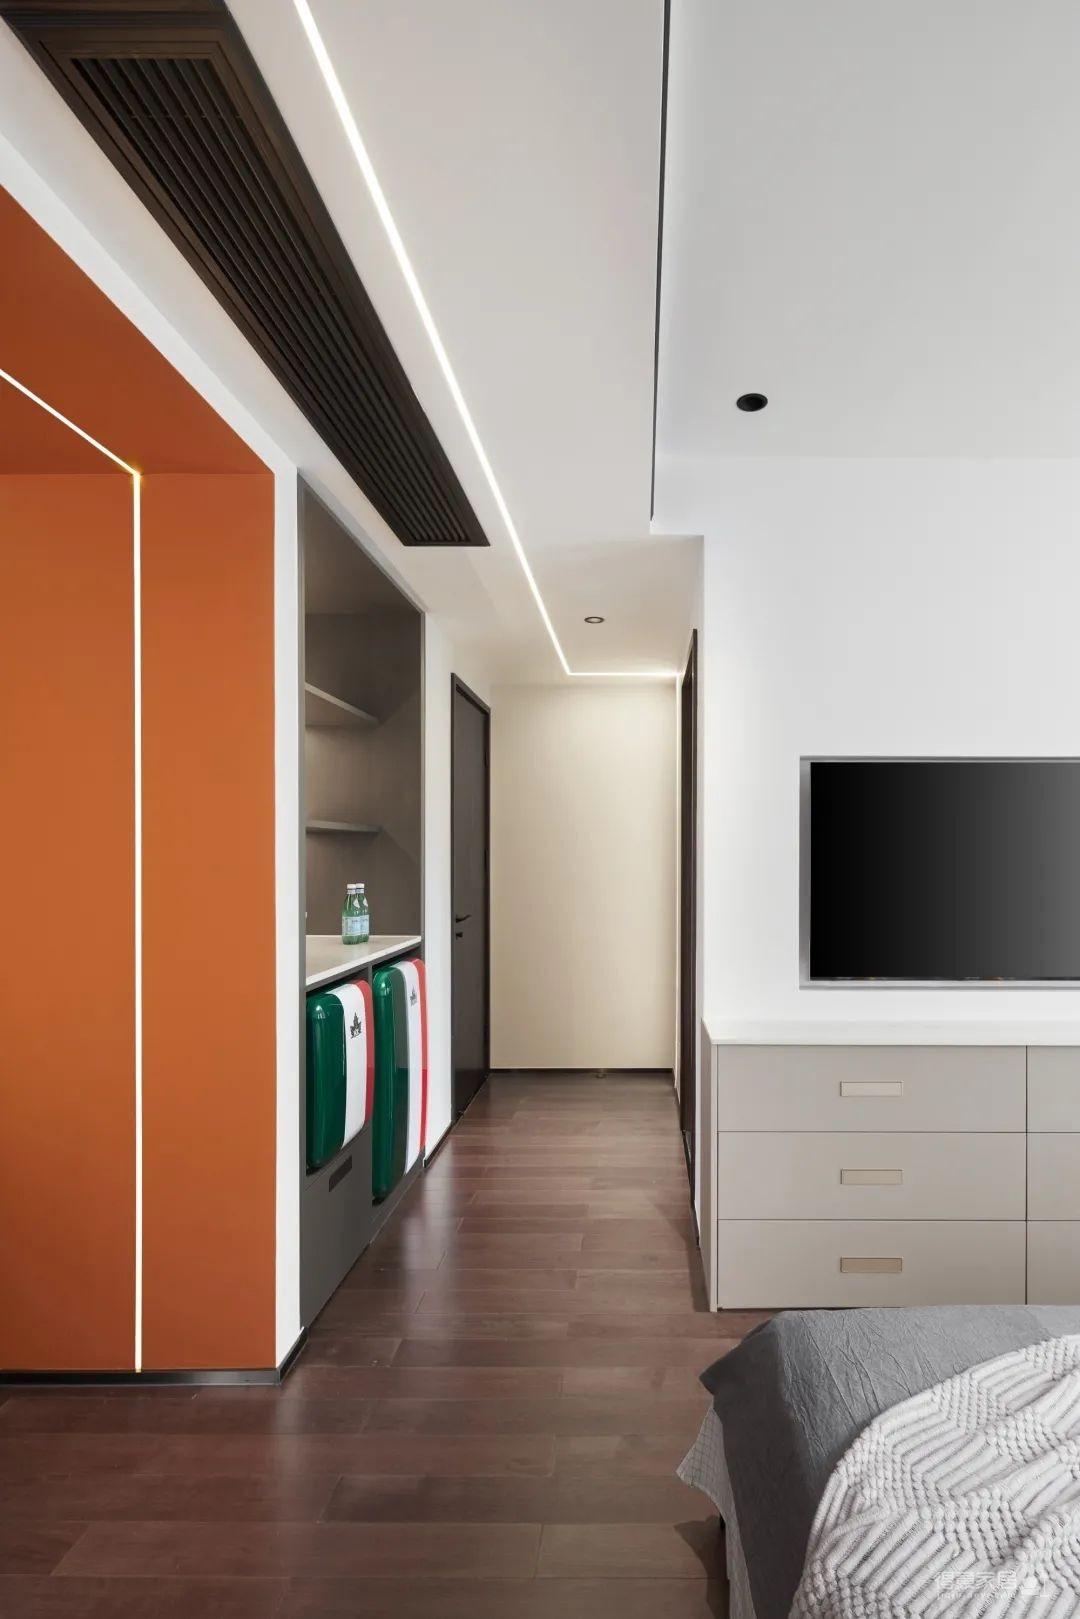 110㎡现代简约的家,用设计贴近生活